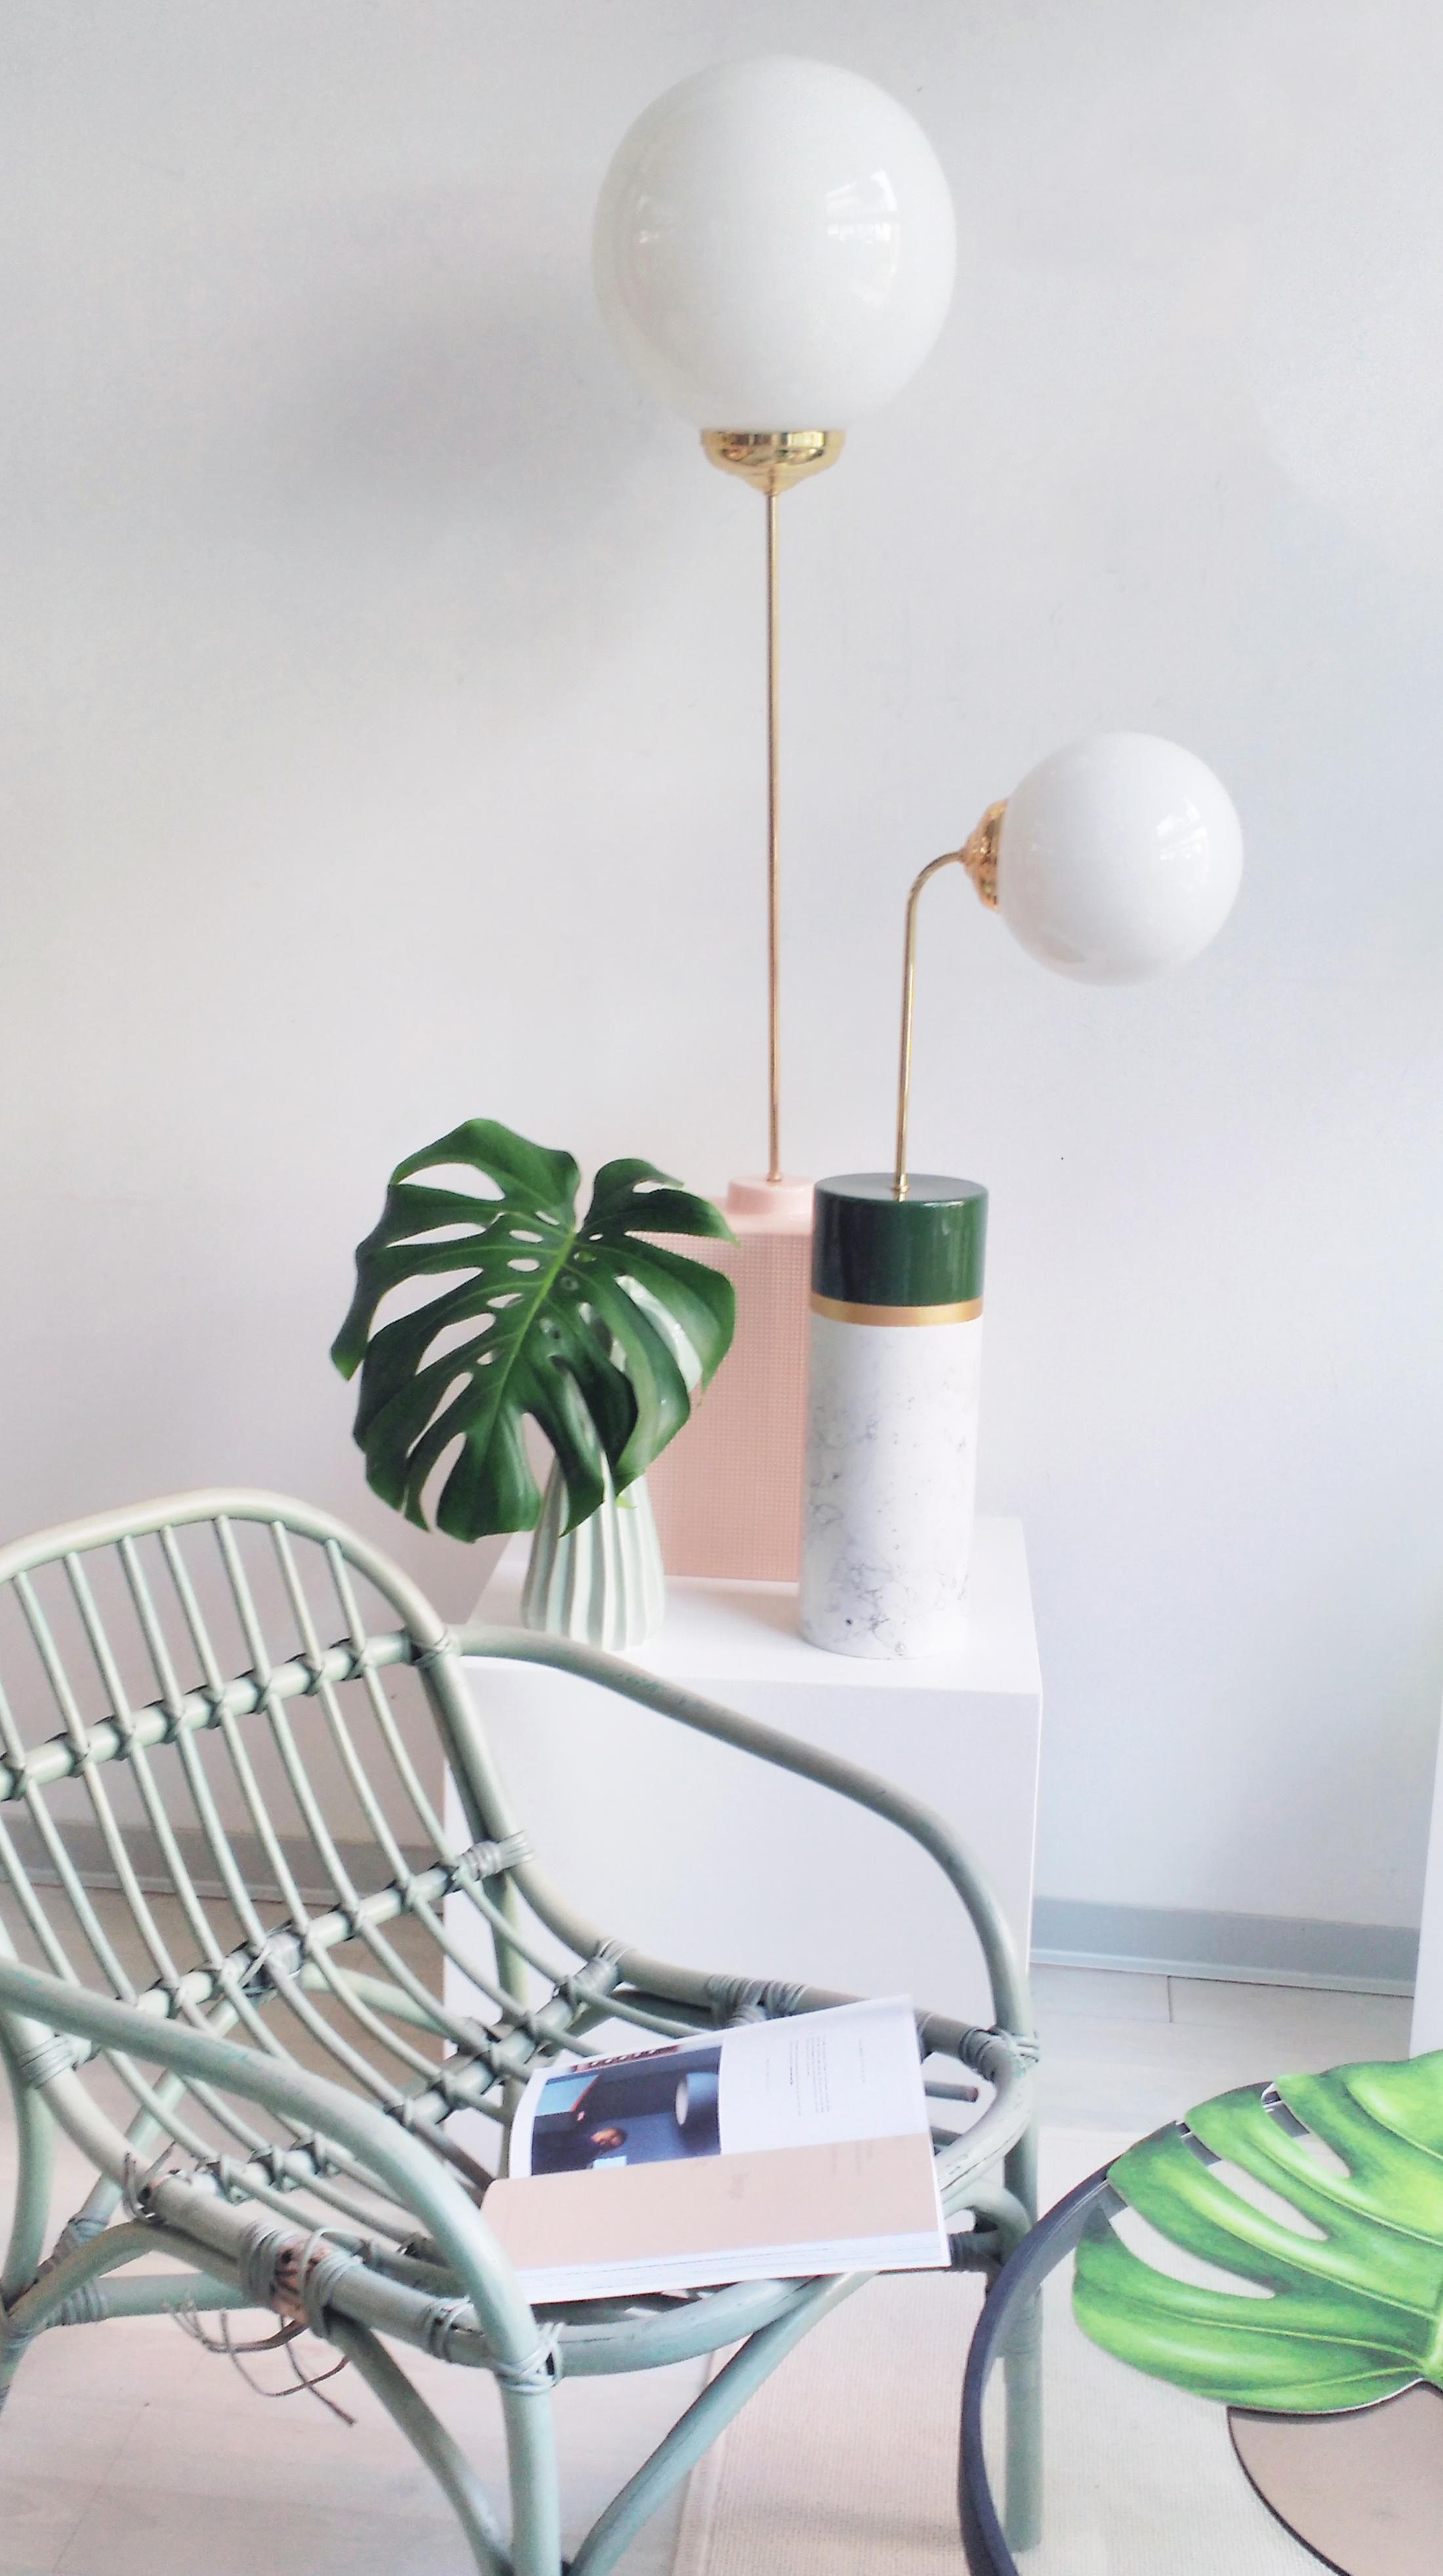 Avalon round lampada da tavolo ceramica h 85 cm - Lampada da tavolo verde ...